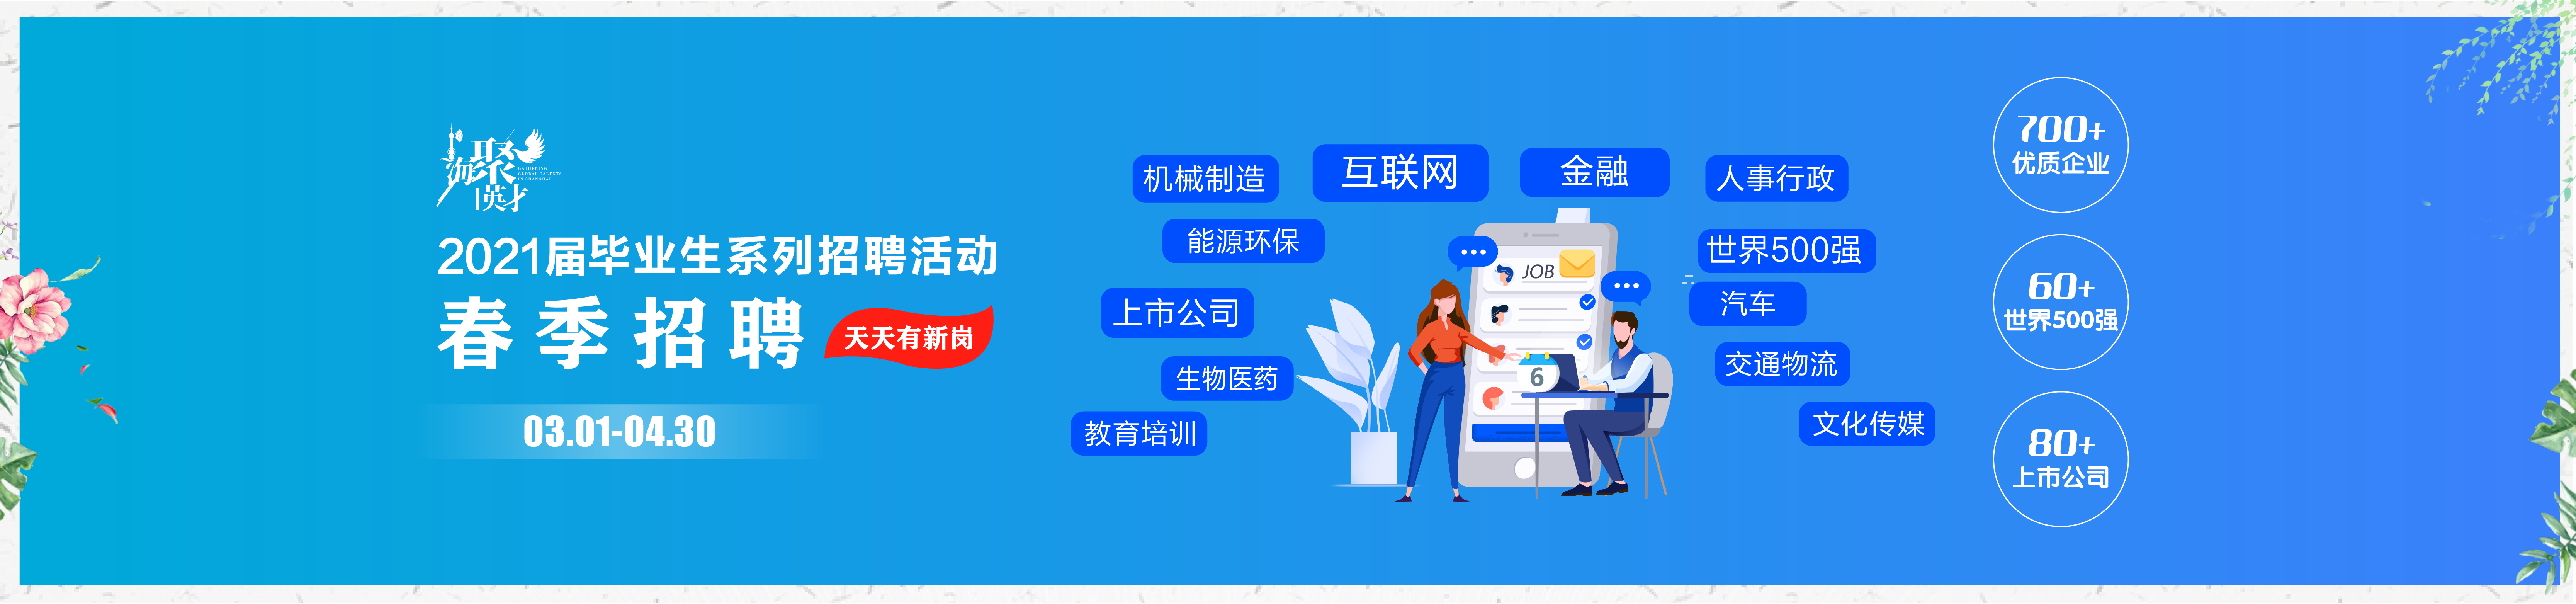 上海工程技术大学2021届毕业生系列招聘会春季招聘